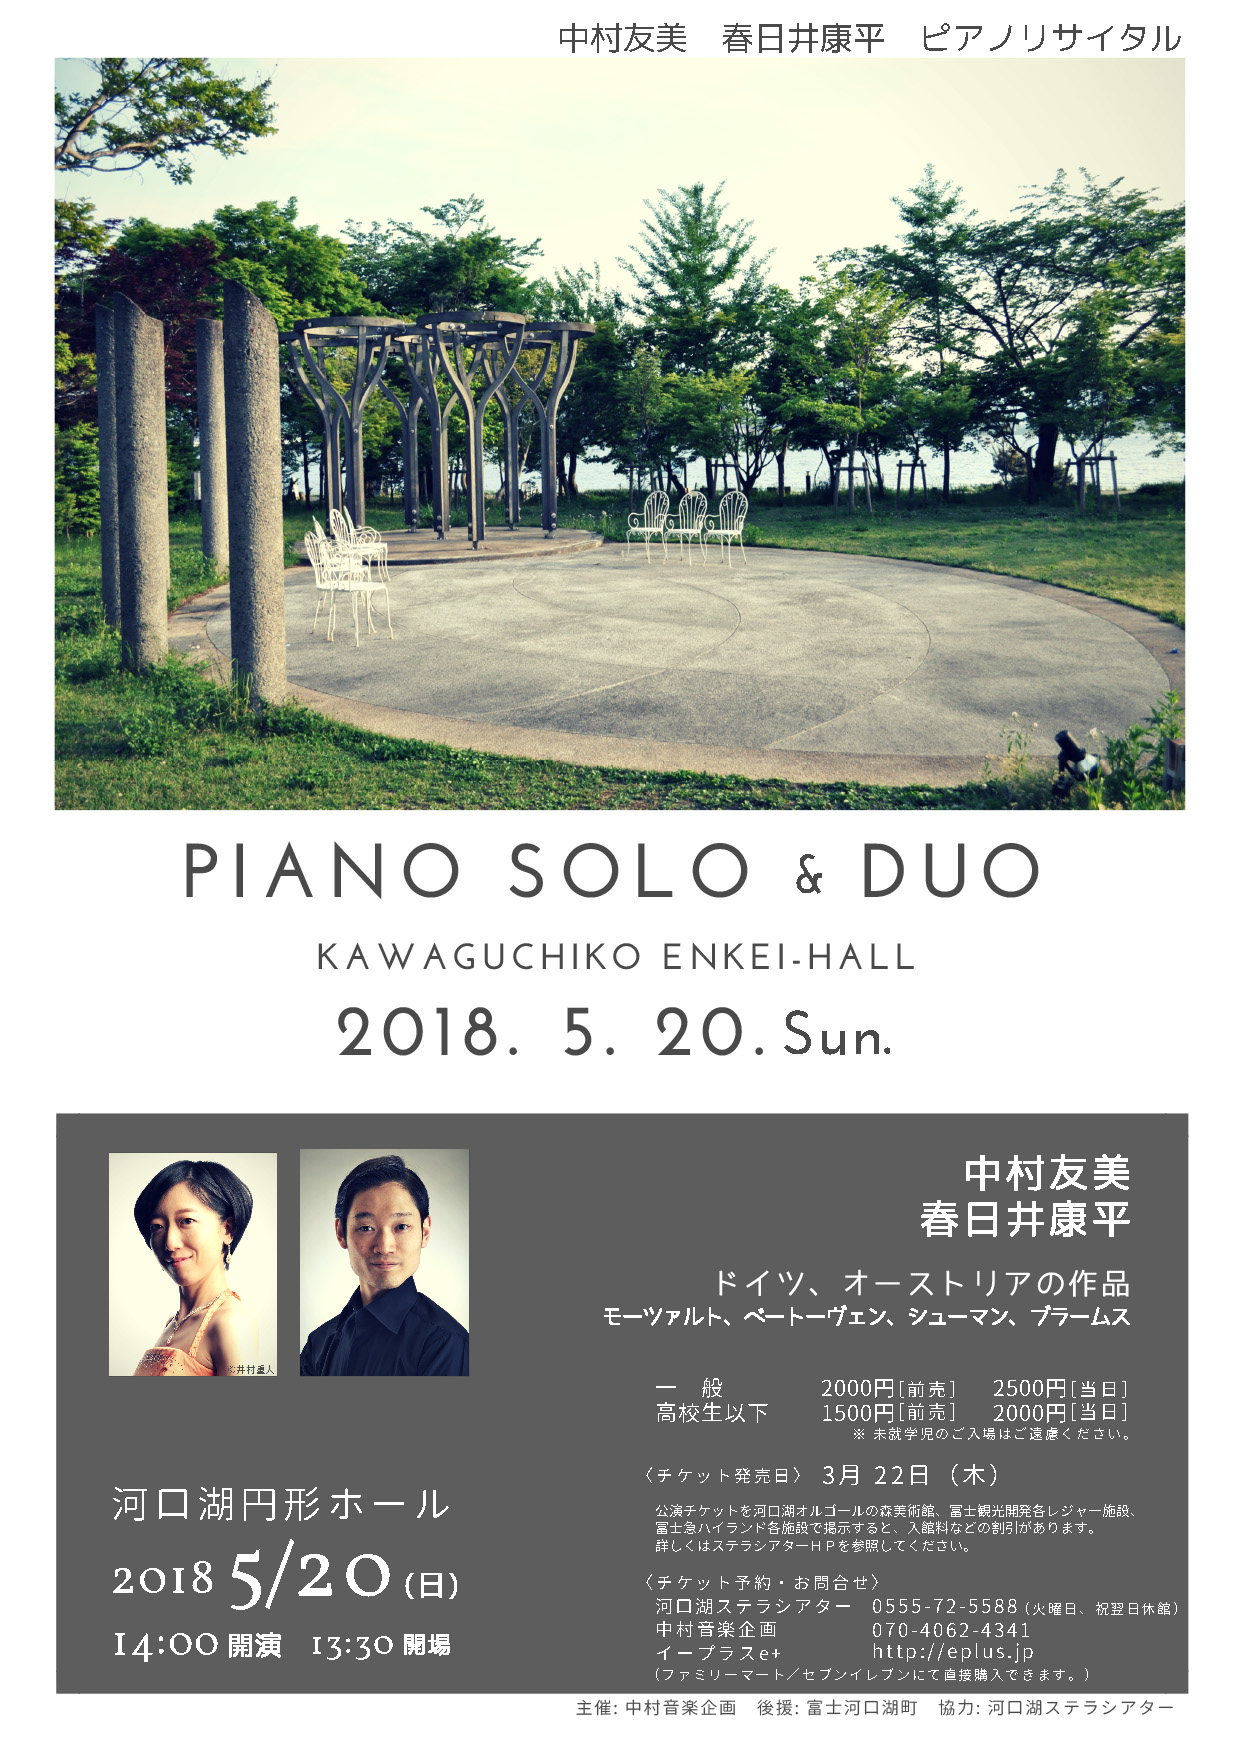 中村友美、春日井康平 ピアノソロ&デュオ リサイタル